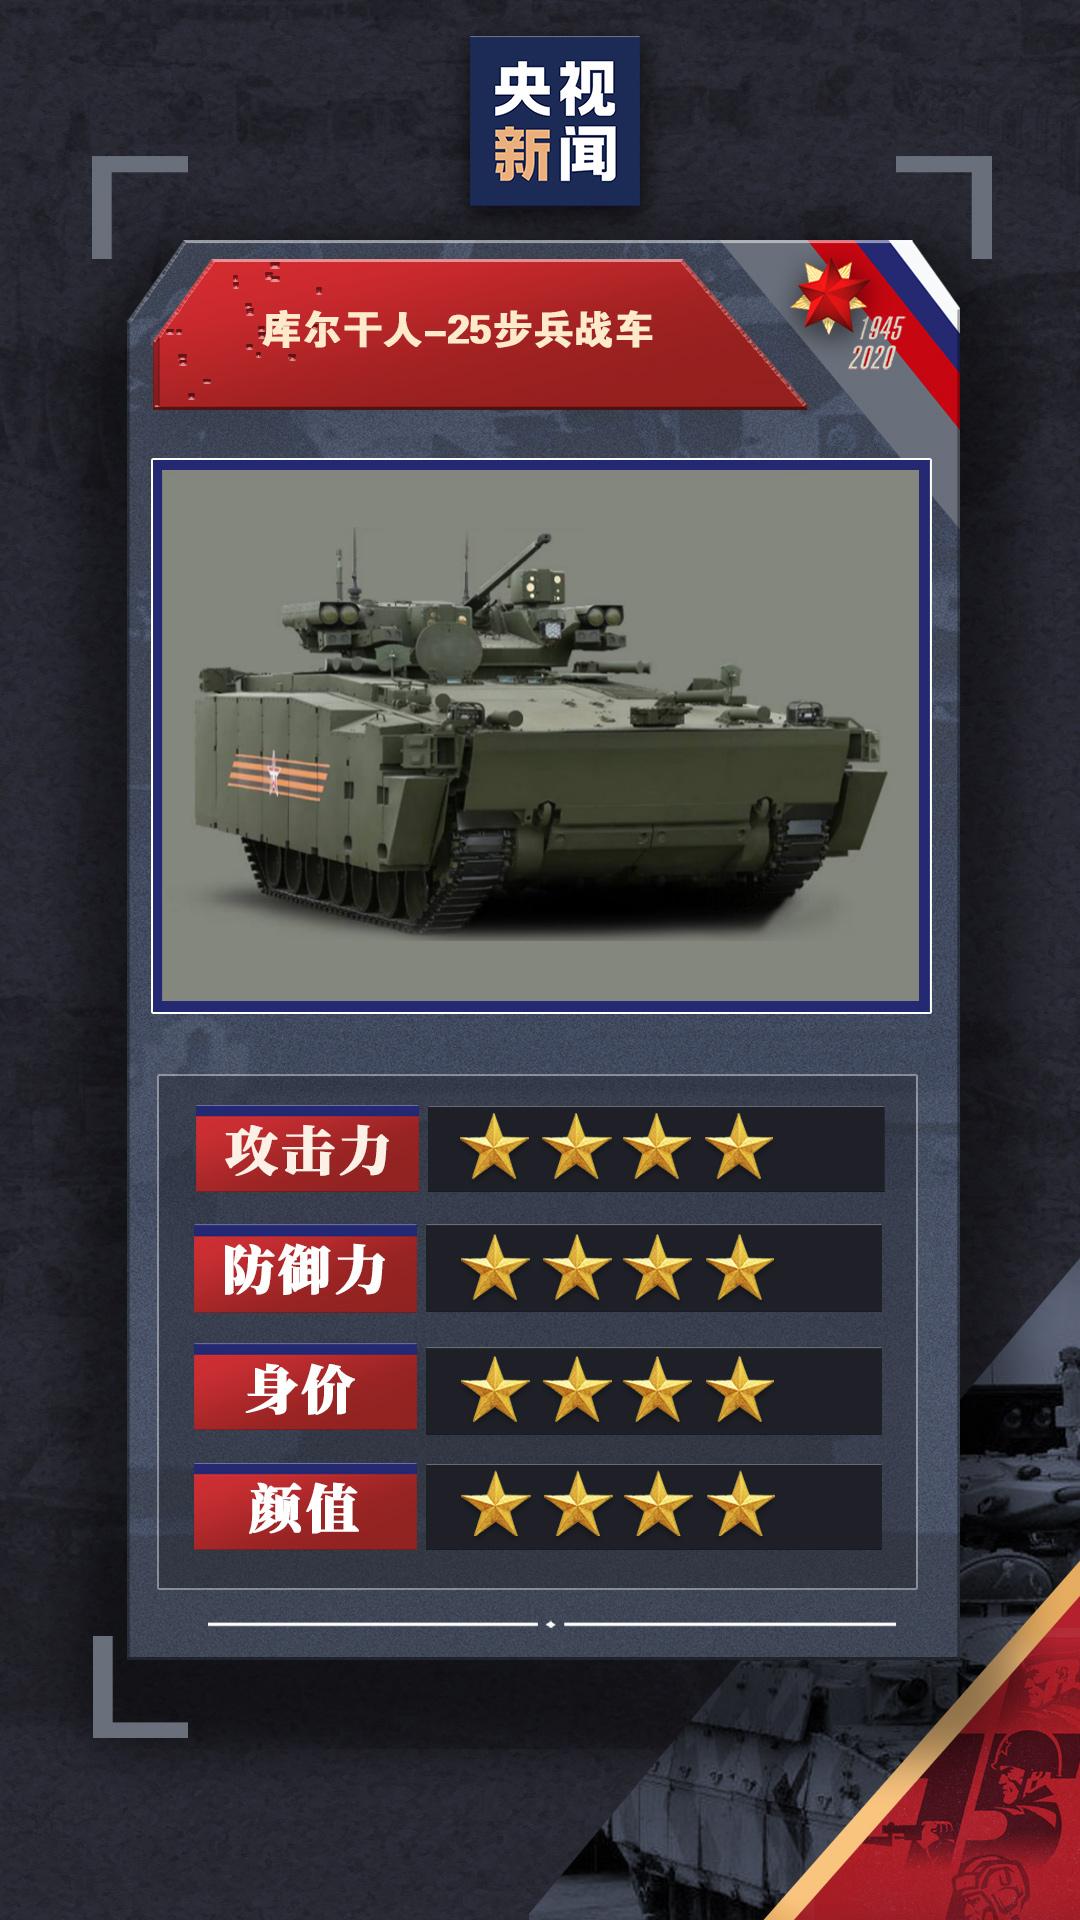 战斗力、身价、颜值大揭秘!俄阅兵新亮相的这些装备你知道吗?